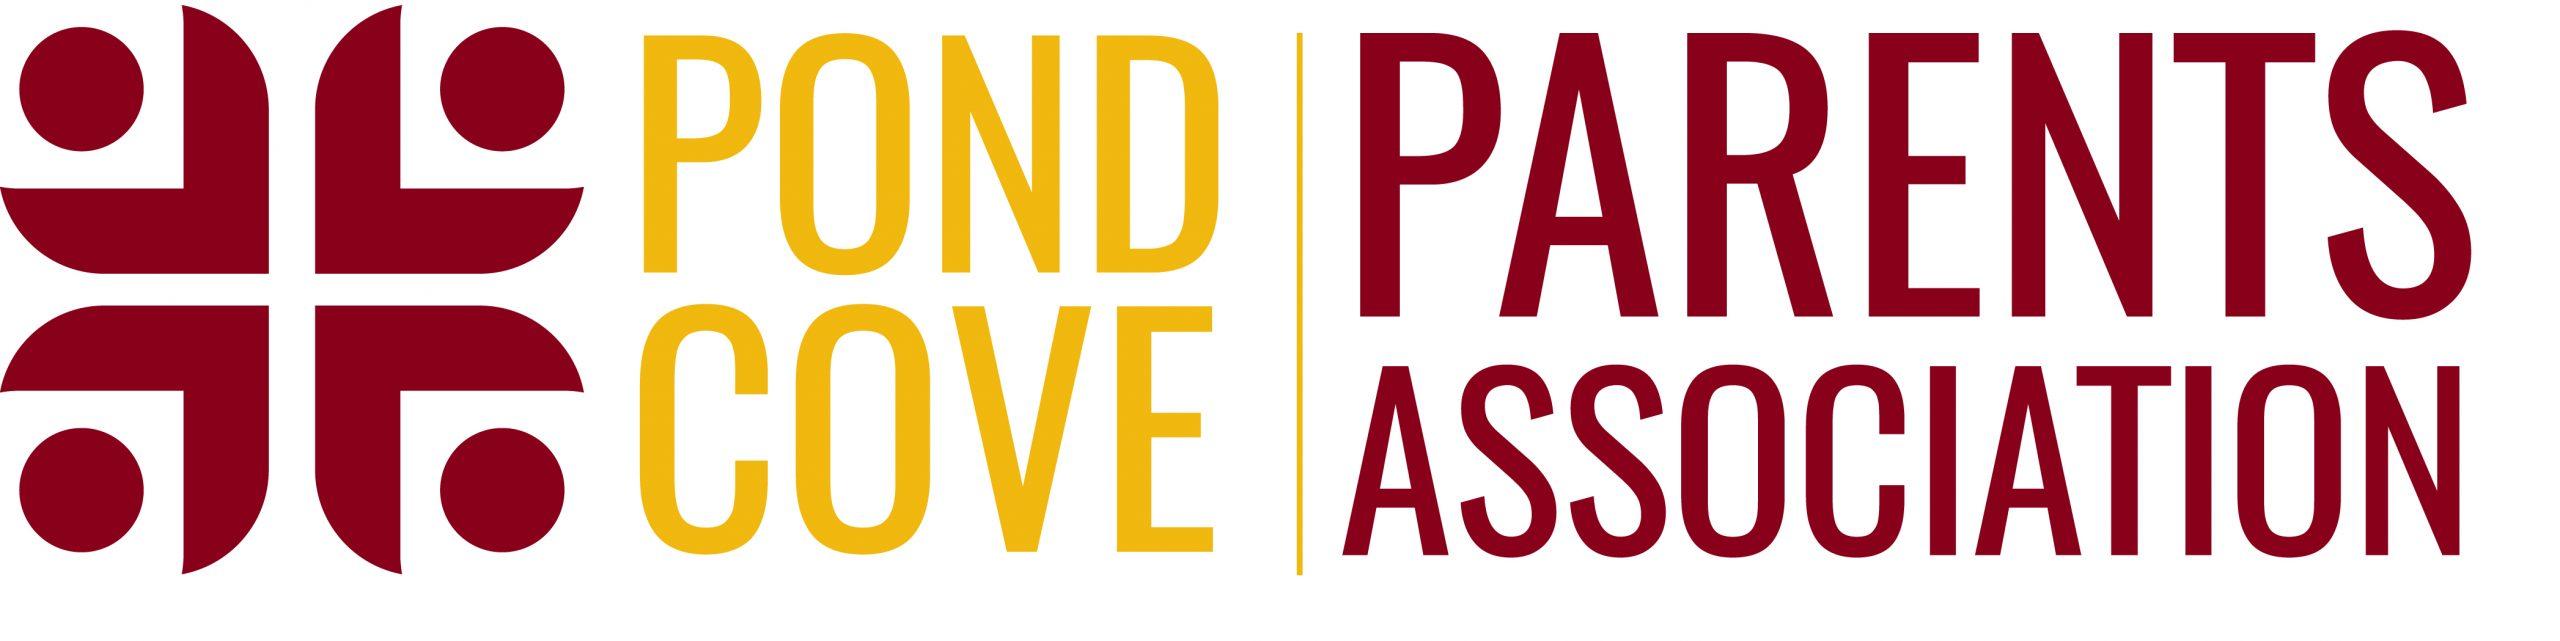 Pond Cove Parents Association